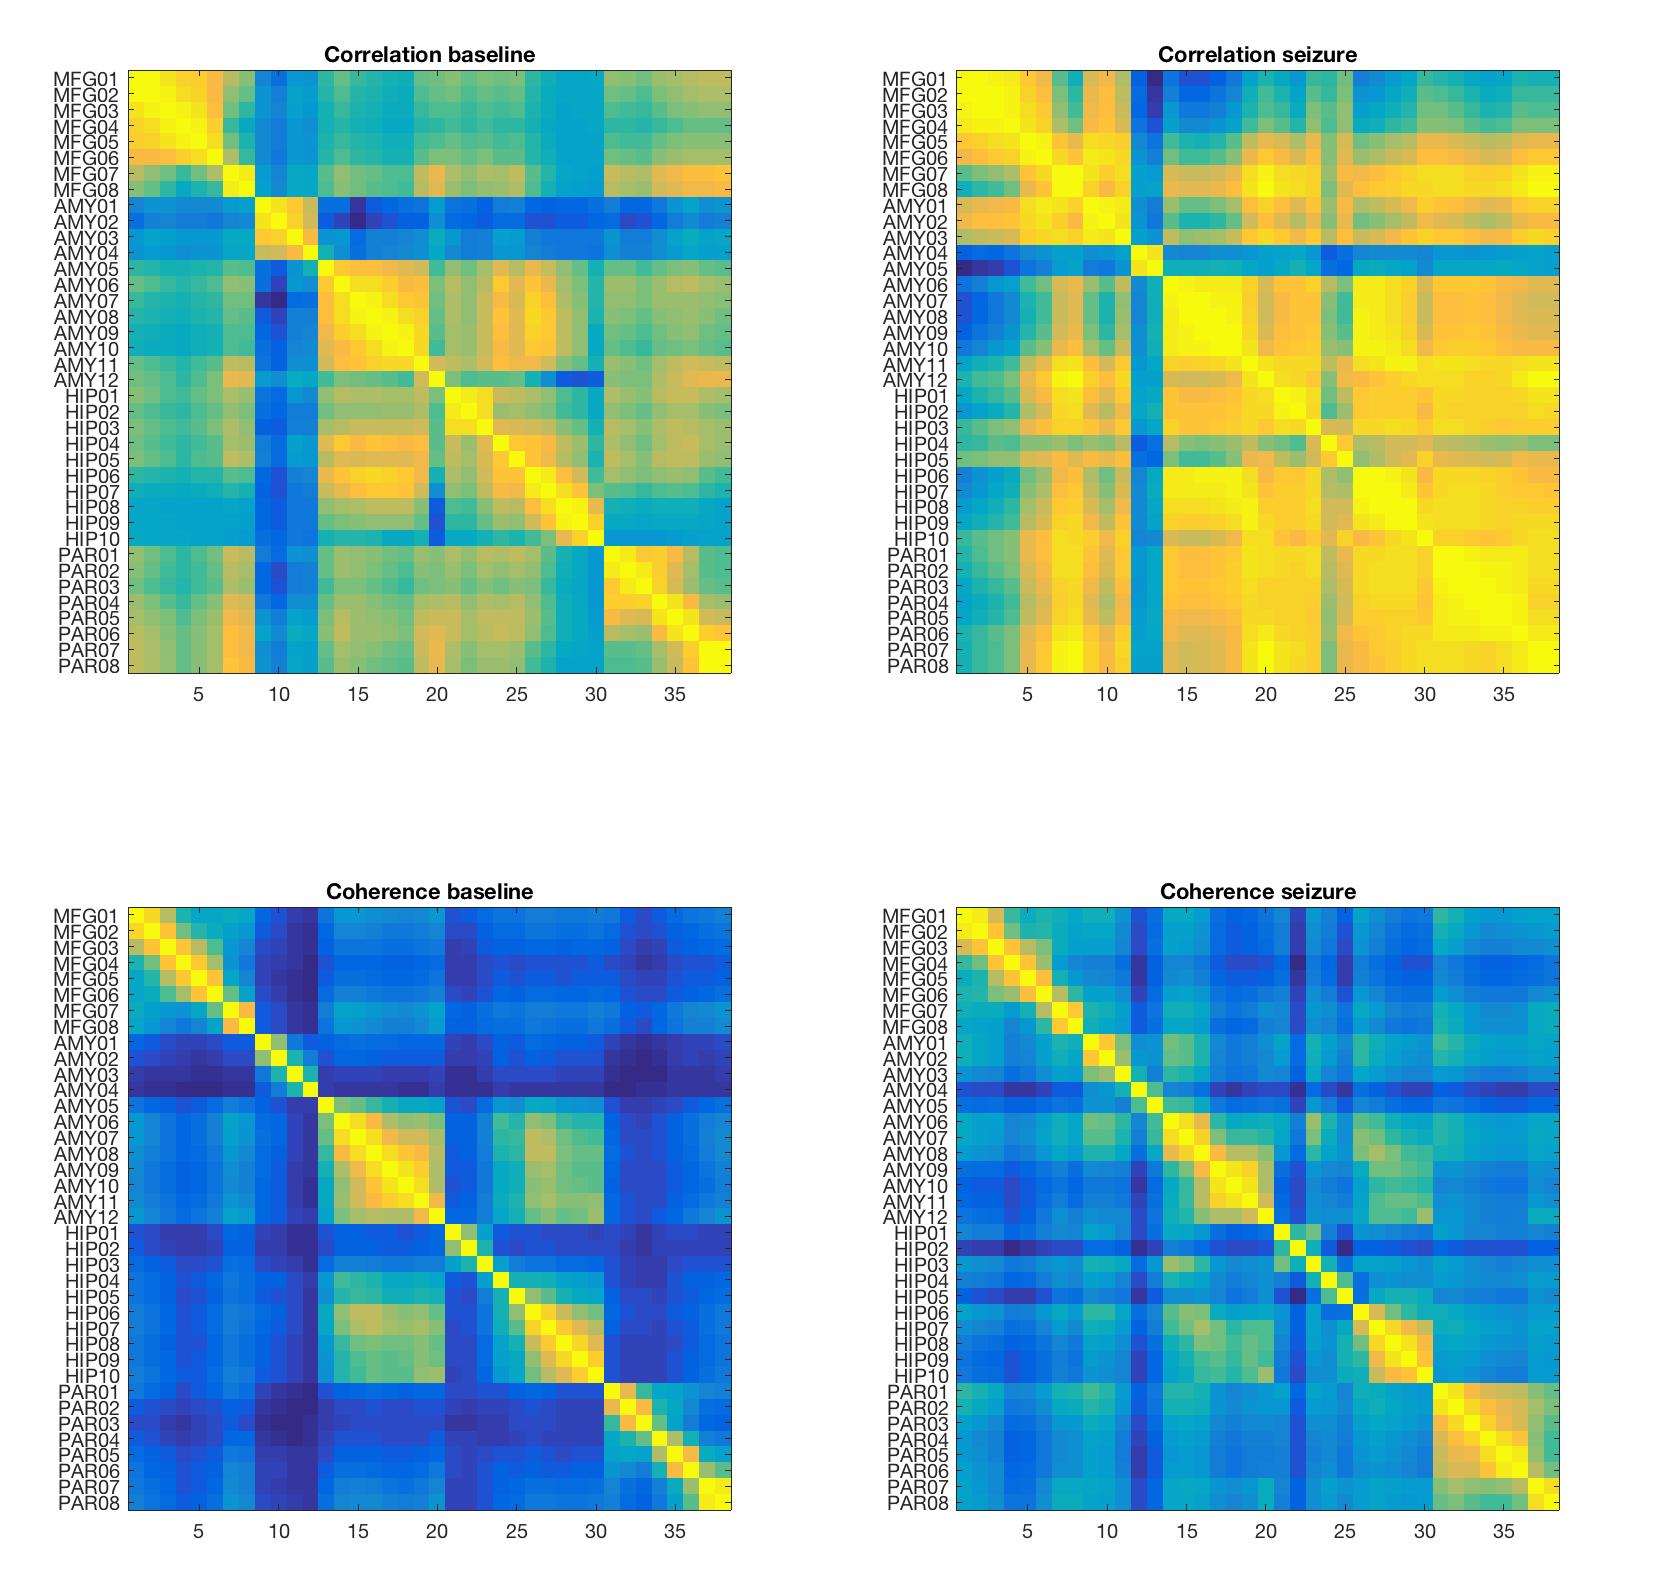 GitHub - roschkoenig/SEEG_Network: Using network modelling